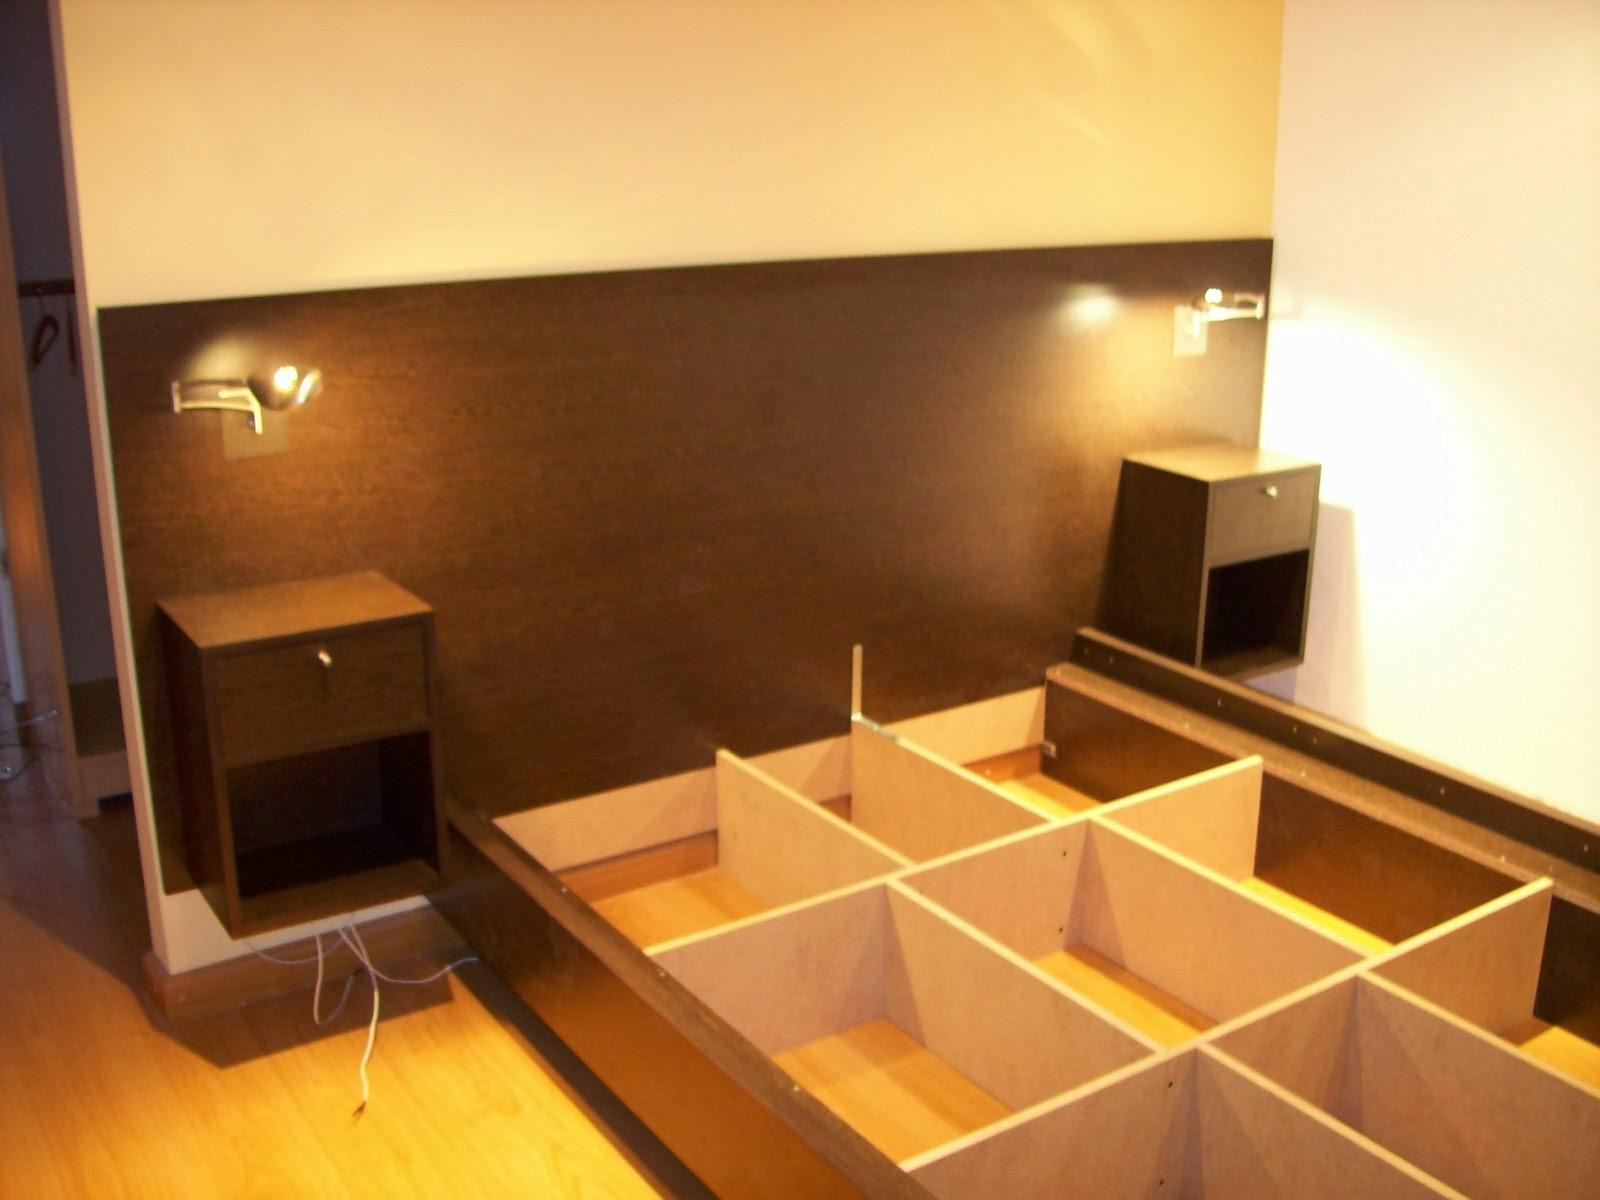 Cama respaldar mesa luz flotante muebles en melamina for Modelos de zapateras de melamina